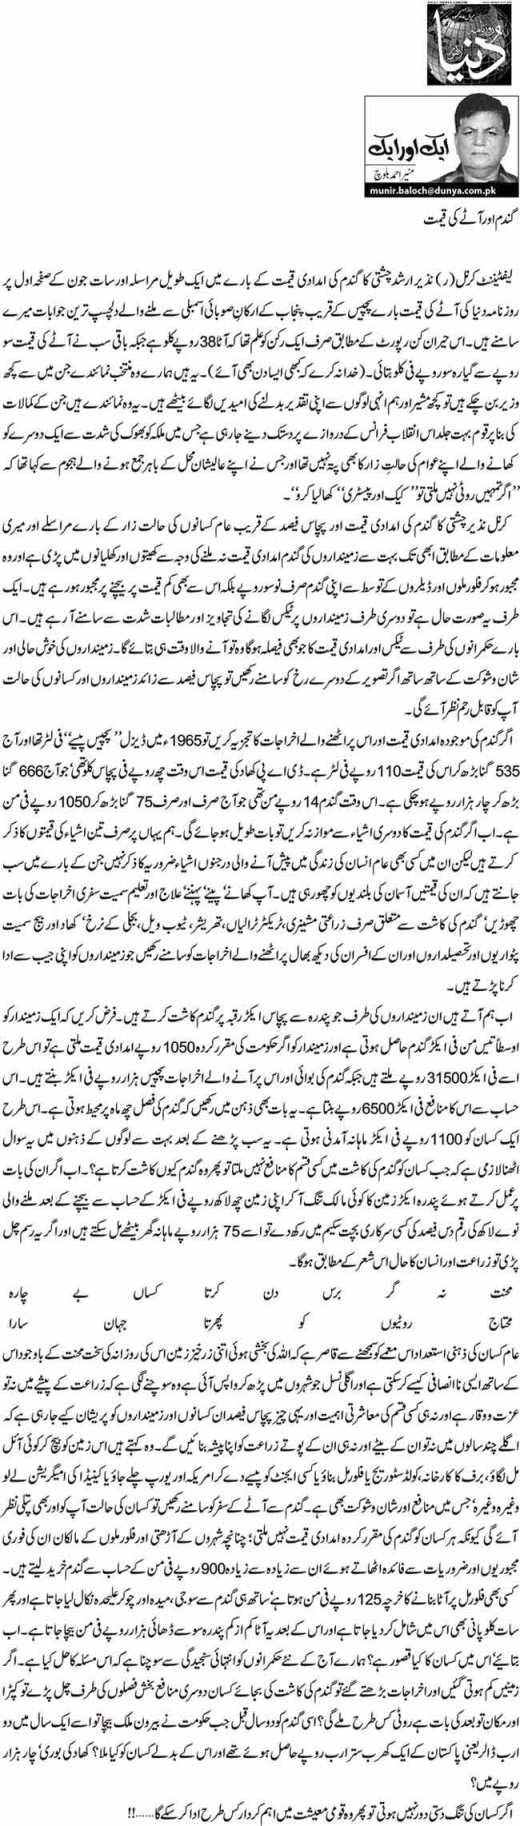 Gandam Aur Atay Ki Keemat - Munir Ahmed Baloch